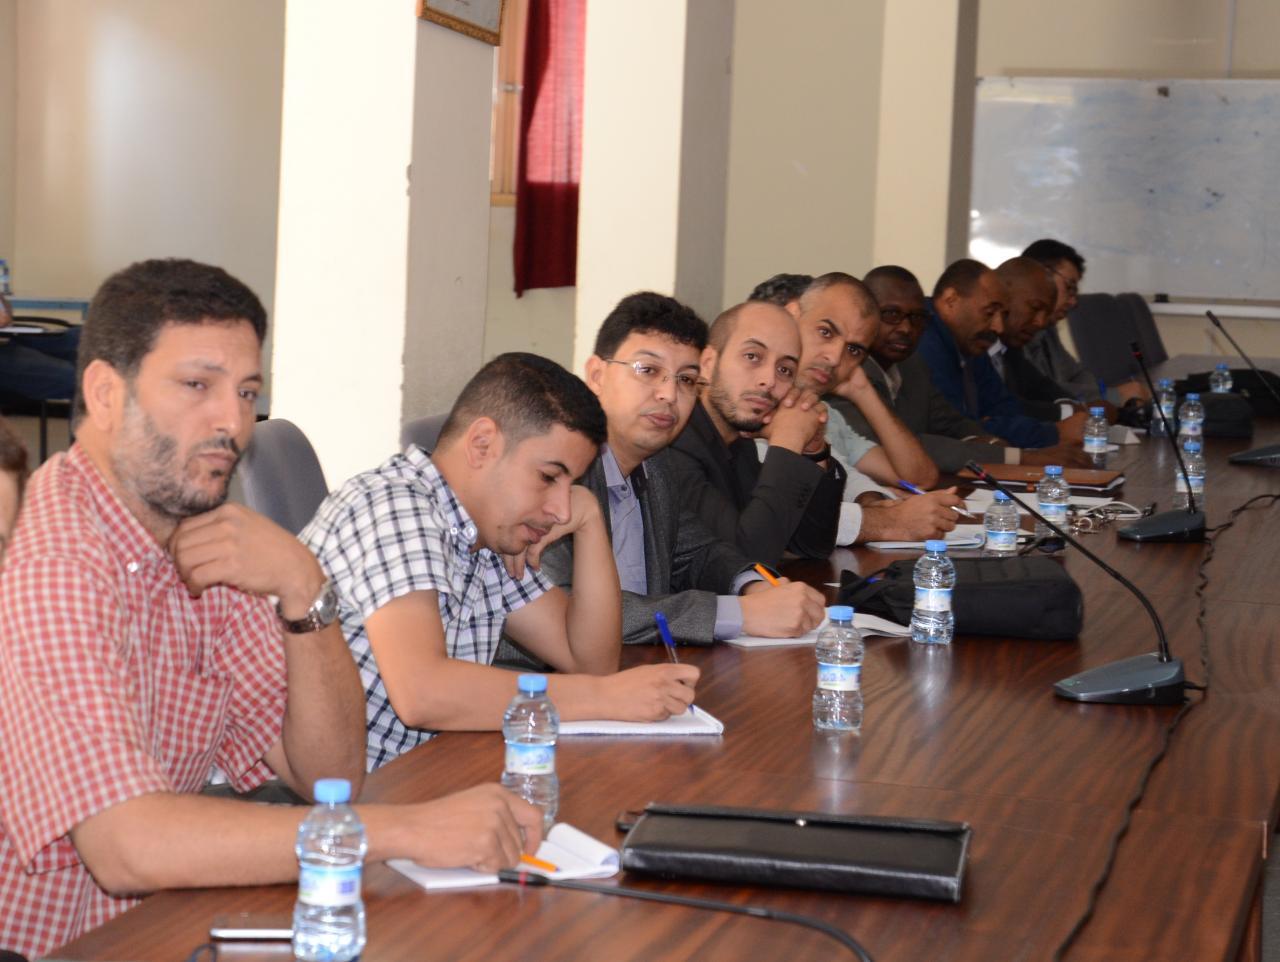 تعزيز وتوسيع برامج الدعم الاجتماعي موضوع لقاء تواصلي بأكاديمية جهة سوس ماسة